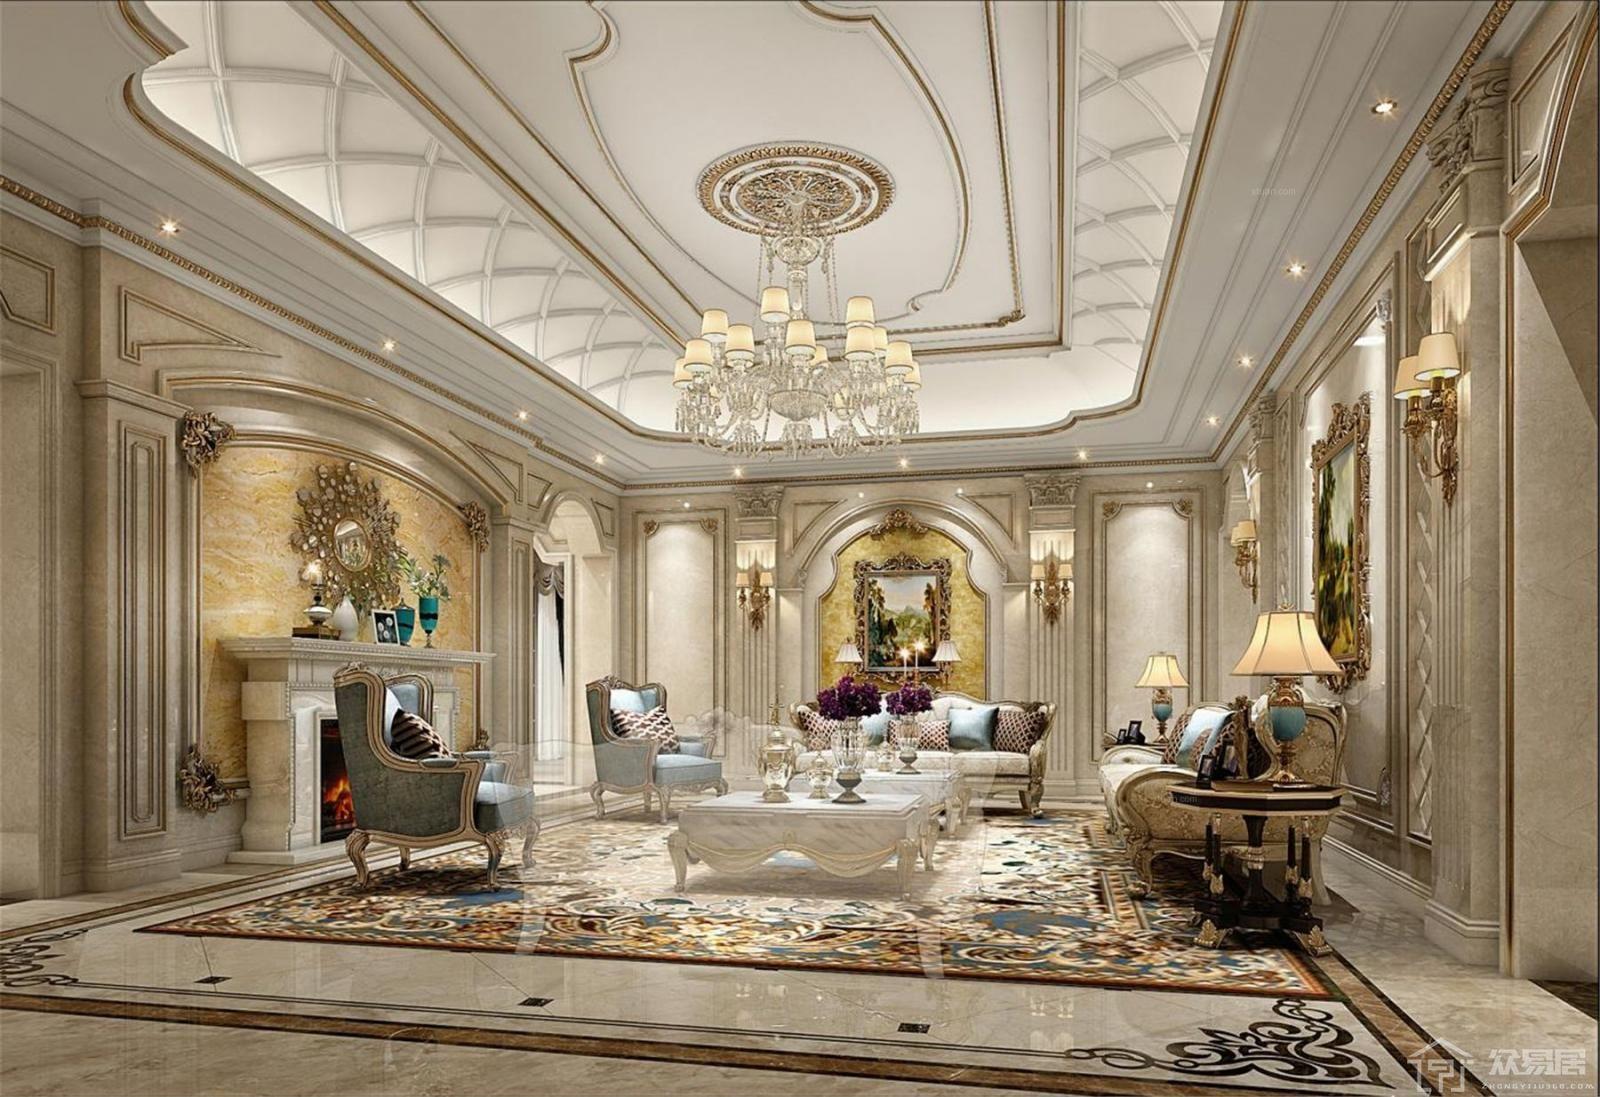 法式別墅裝修設計方案 法式別墅如何裝修設計